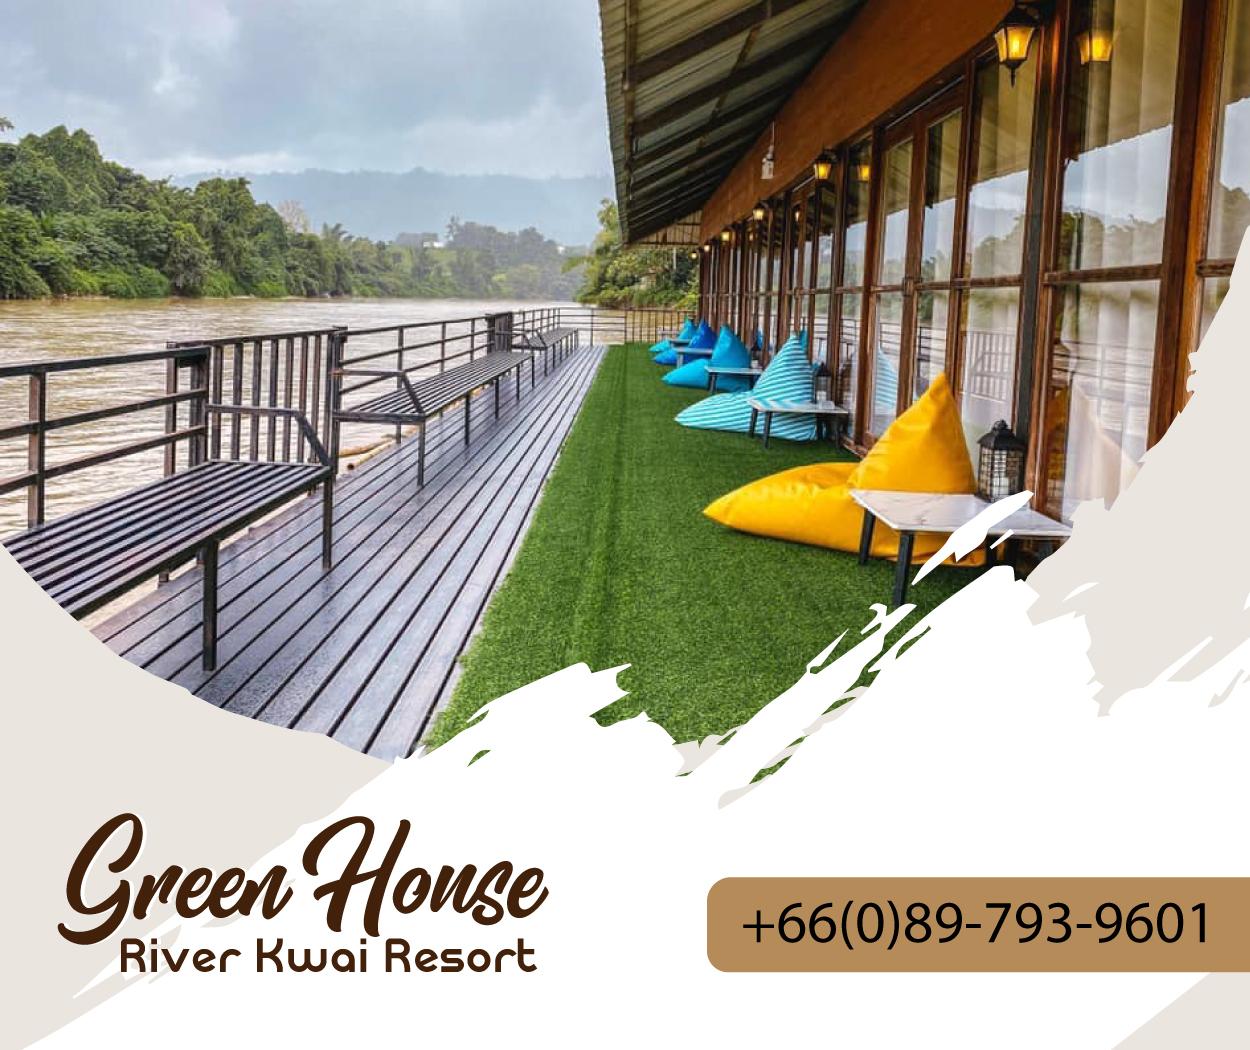 Green House River Kwai Resort Kanchanaburi